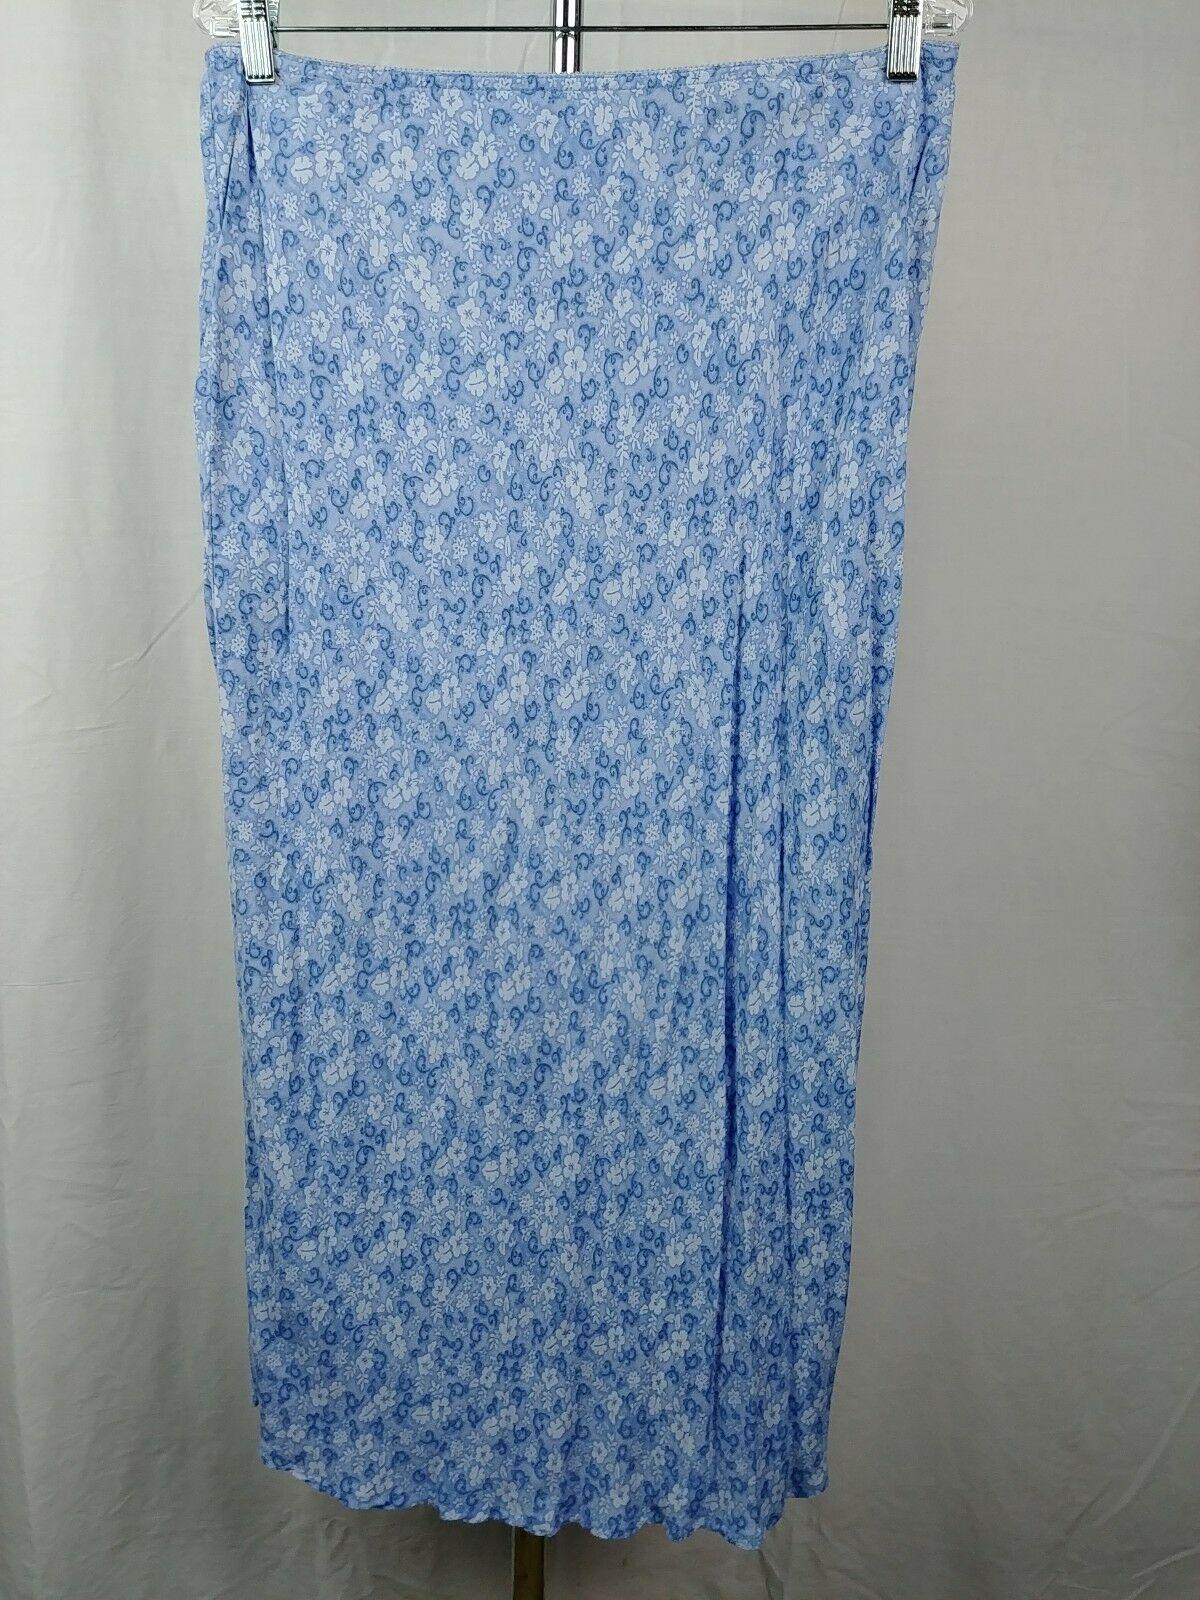 ab6e15fabd Women's Skirts - PrairieGrit